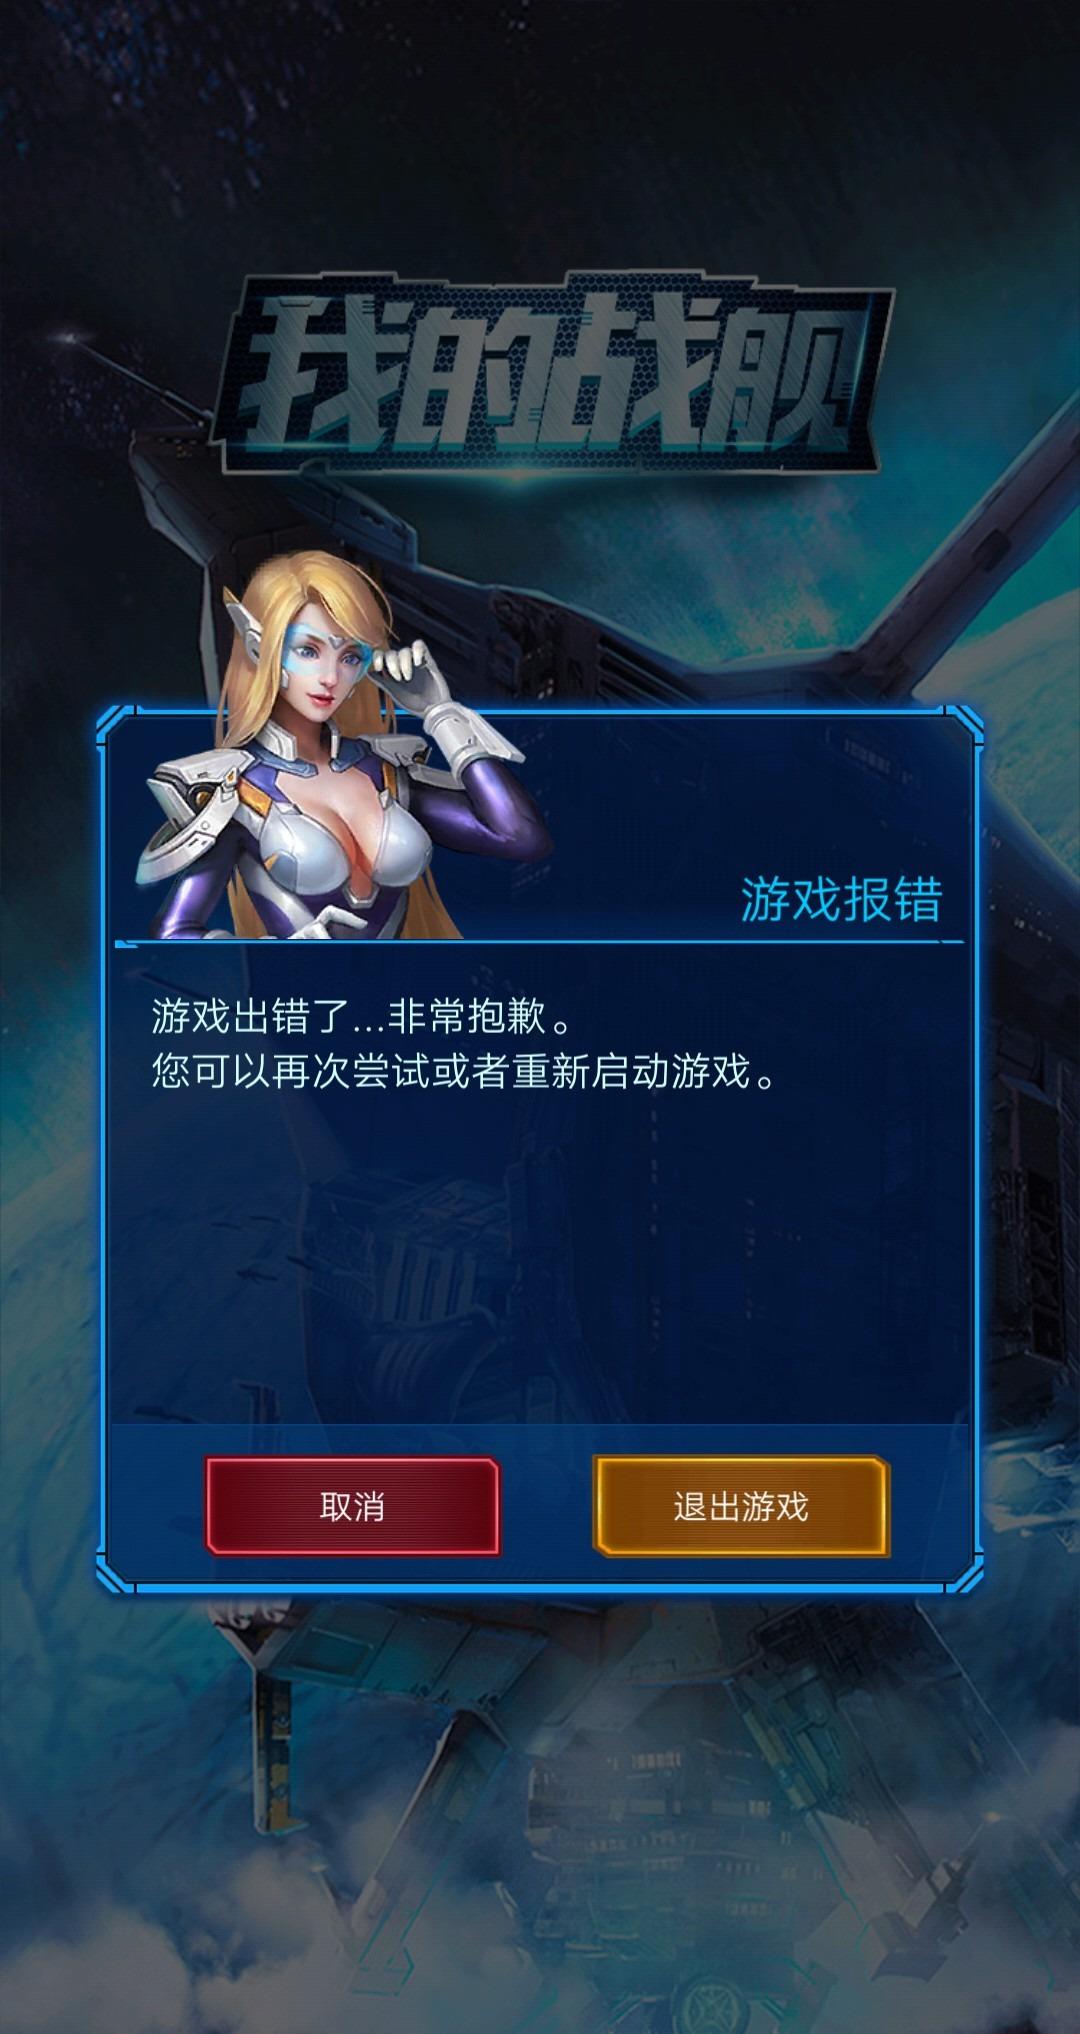 Screenshot_2019_0620_192300.jpg